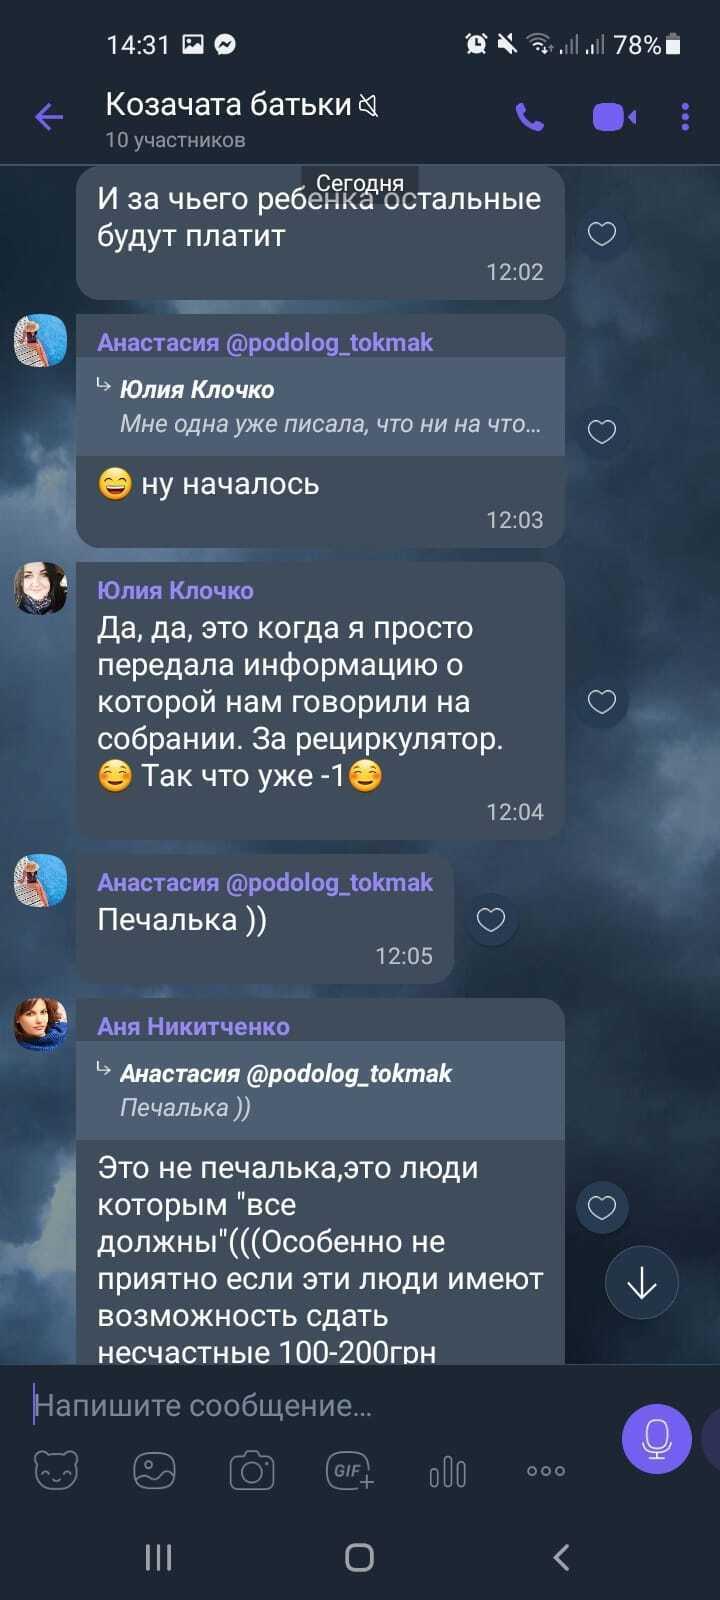 Нікітченко впевнена, що ті, хто не хоче здавати гроші - вважають, що їм всі винні